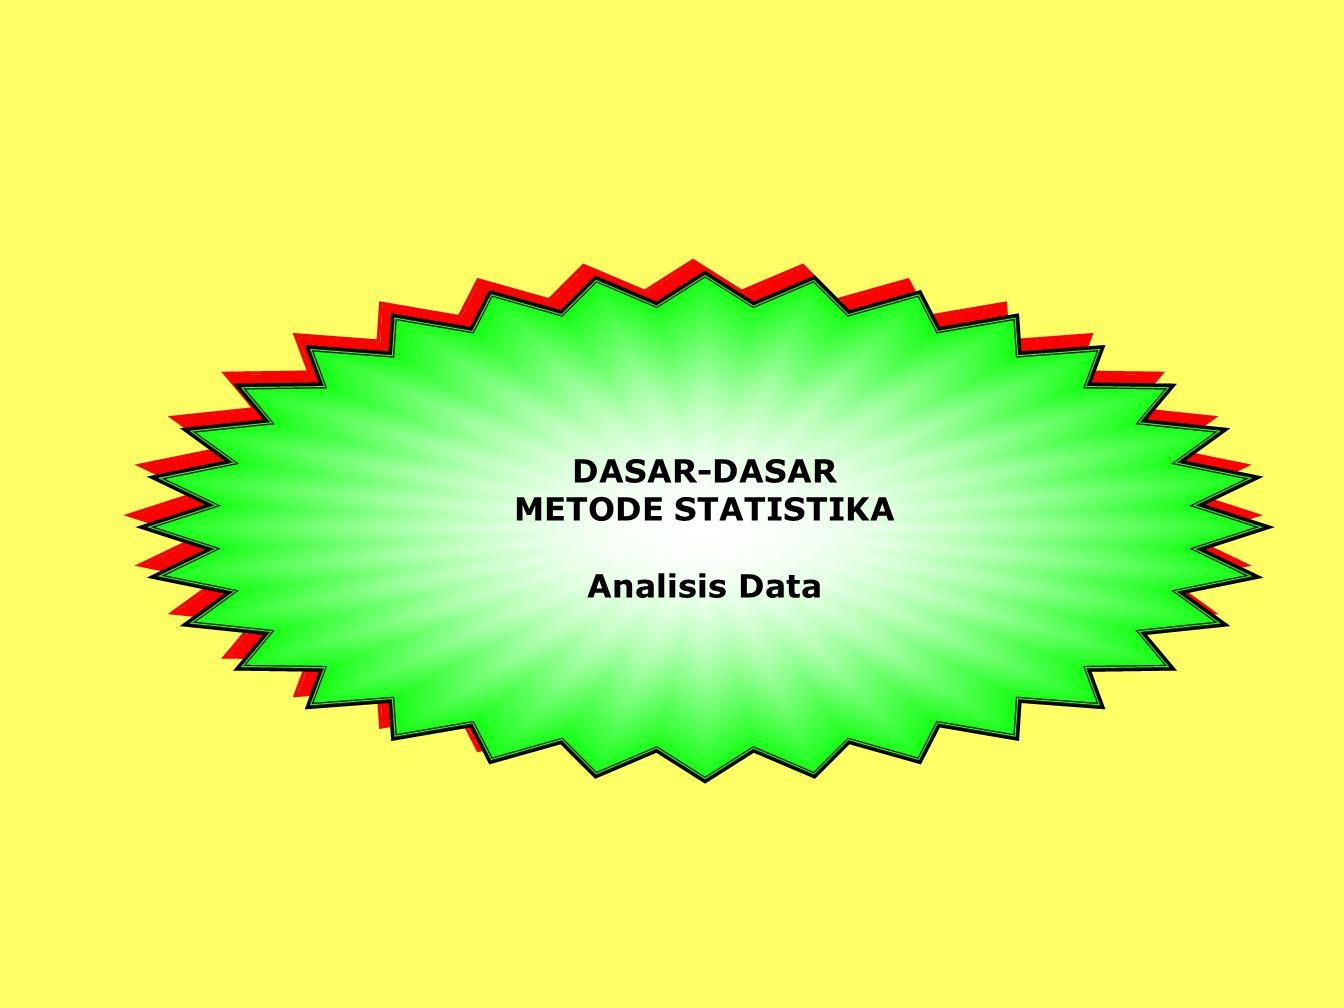 DASAR-DASAR METODE STATISTIKA Analisis Data DASAR-DASAR METODE STATISTIKA Analisis Data